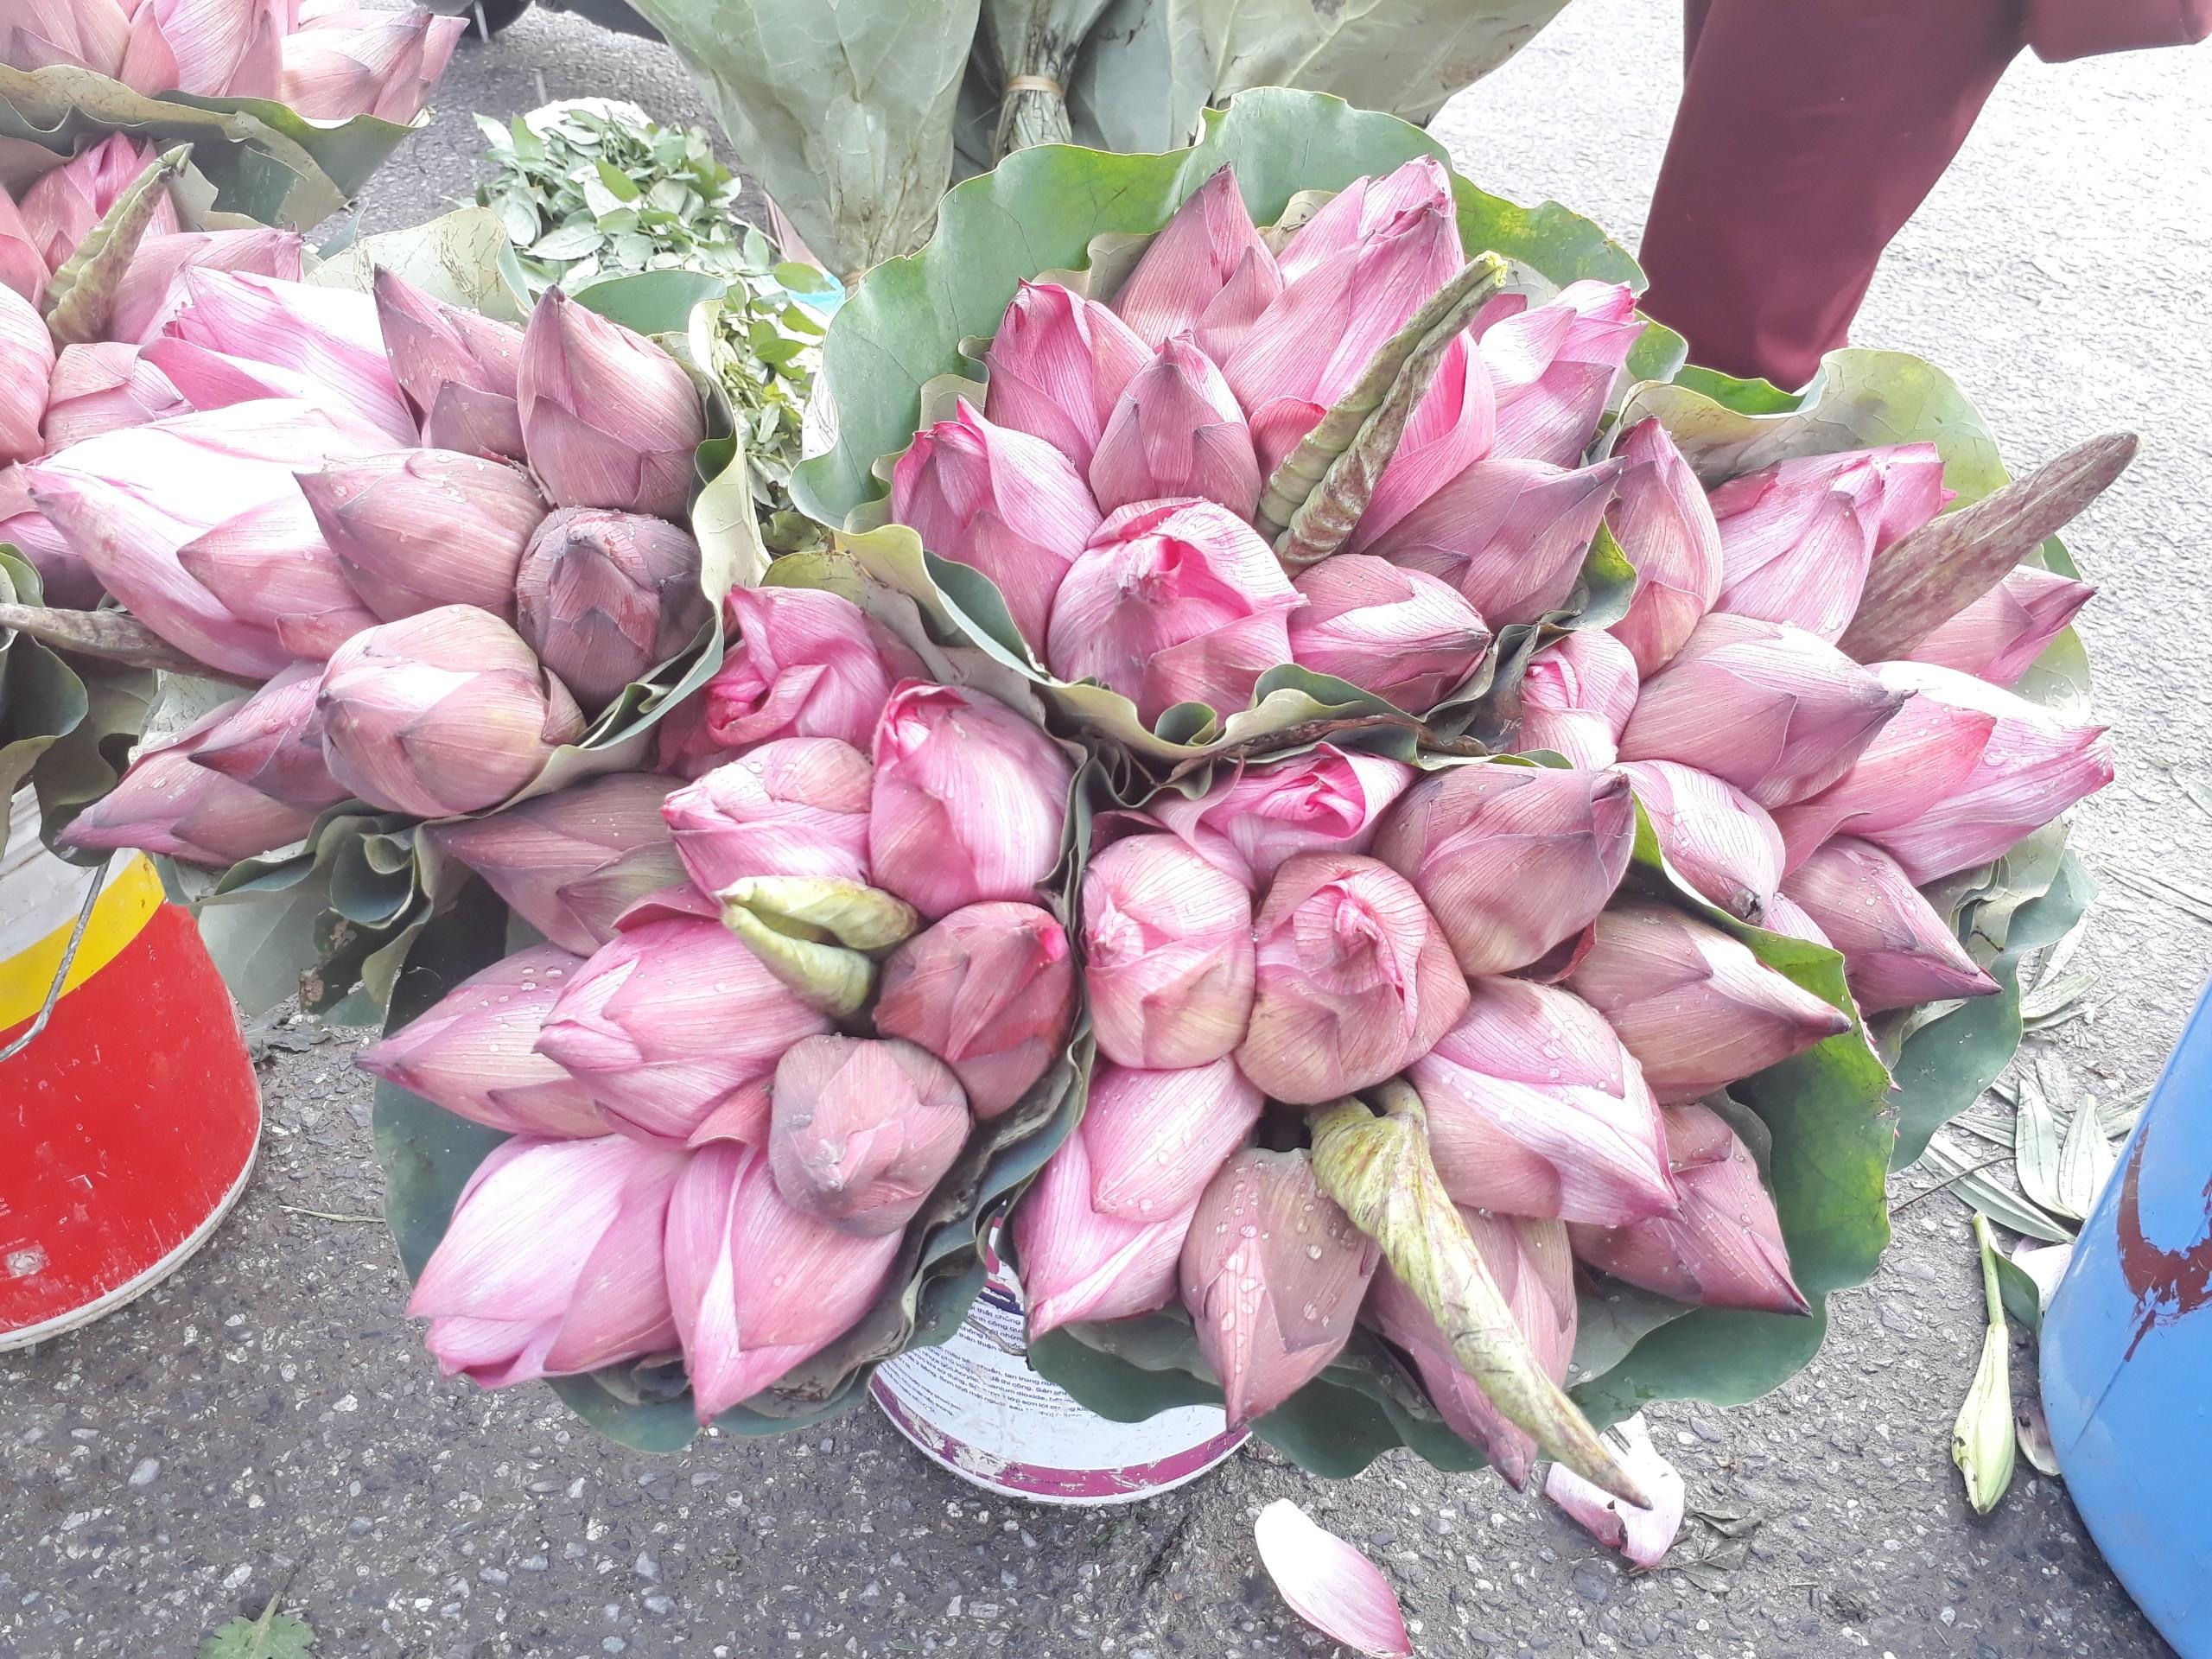 Mùa sen về, nếu còn nhầm lẫn tai hại giữa hoa sen & hoa quỳ khi mua, chị em hãy thuộc lòng 7 bí quyết sau! - Ảnh 5.